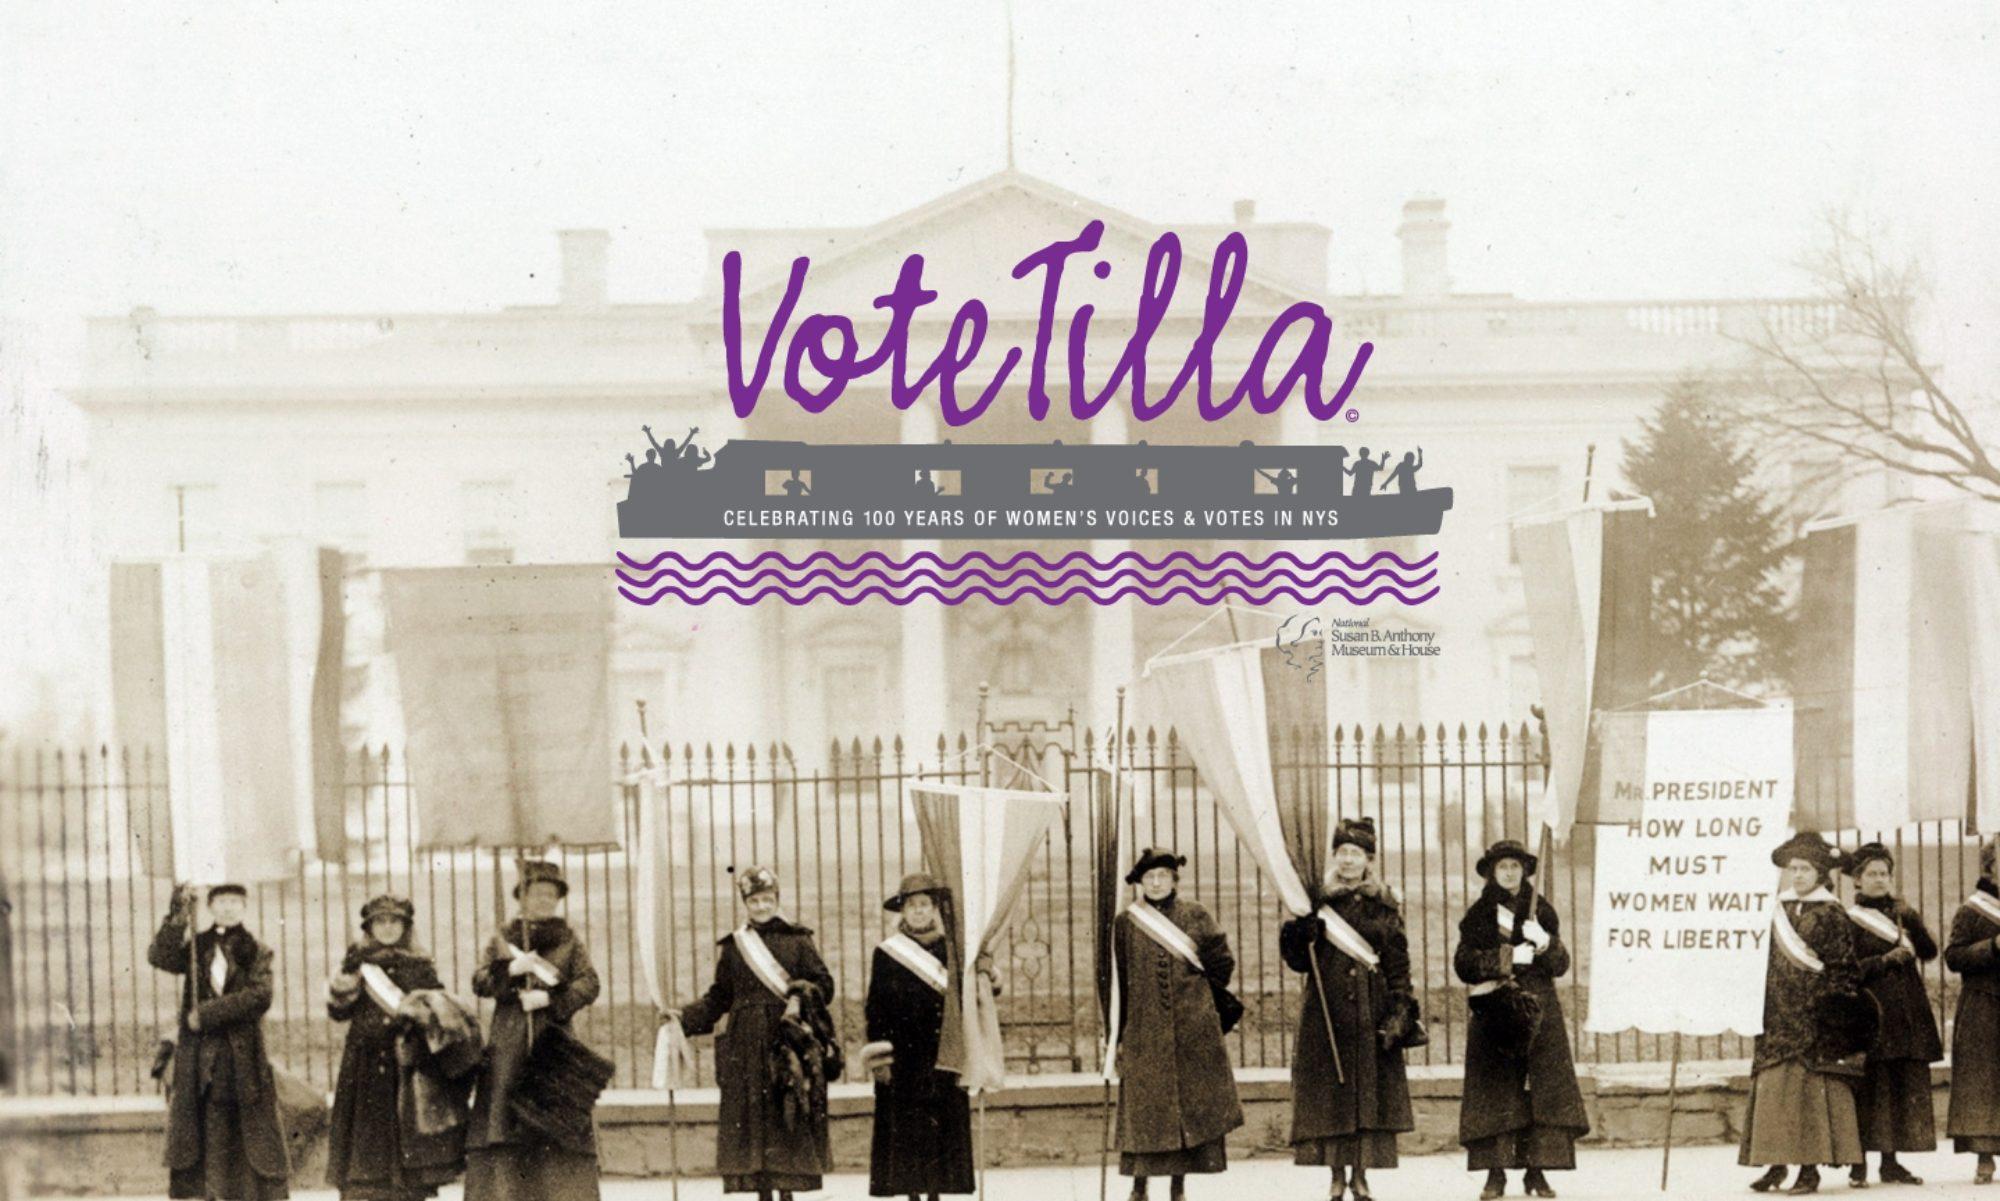 VoteTilla